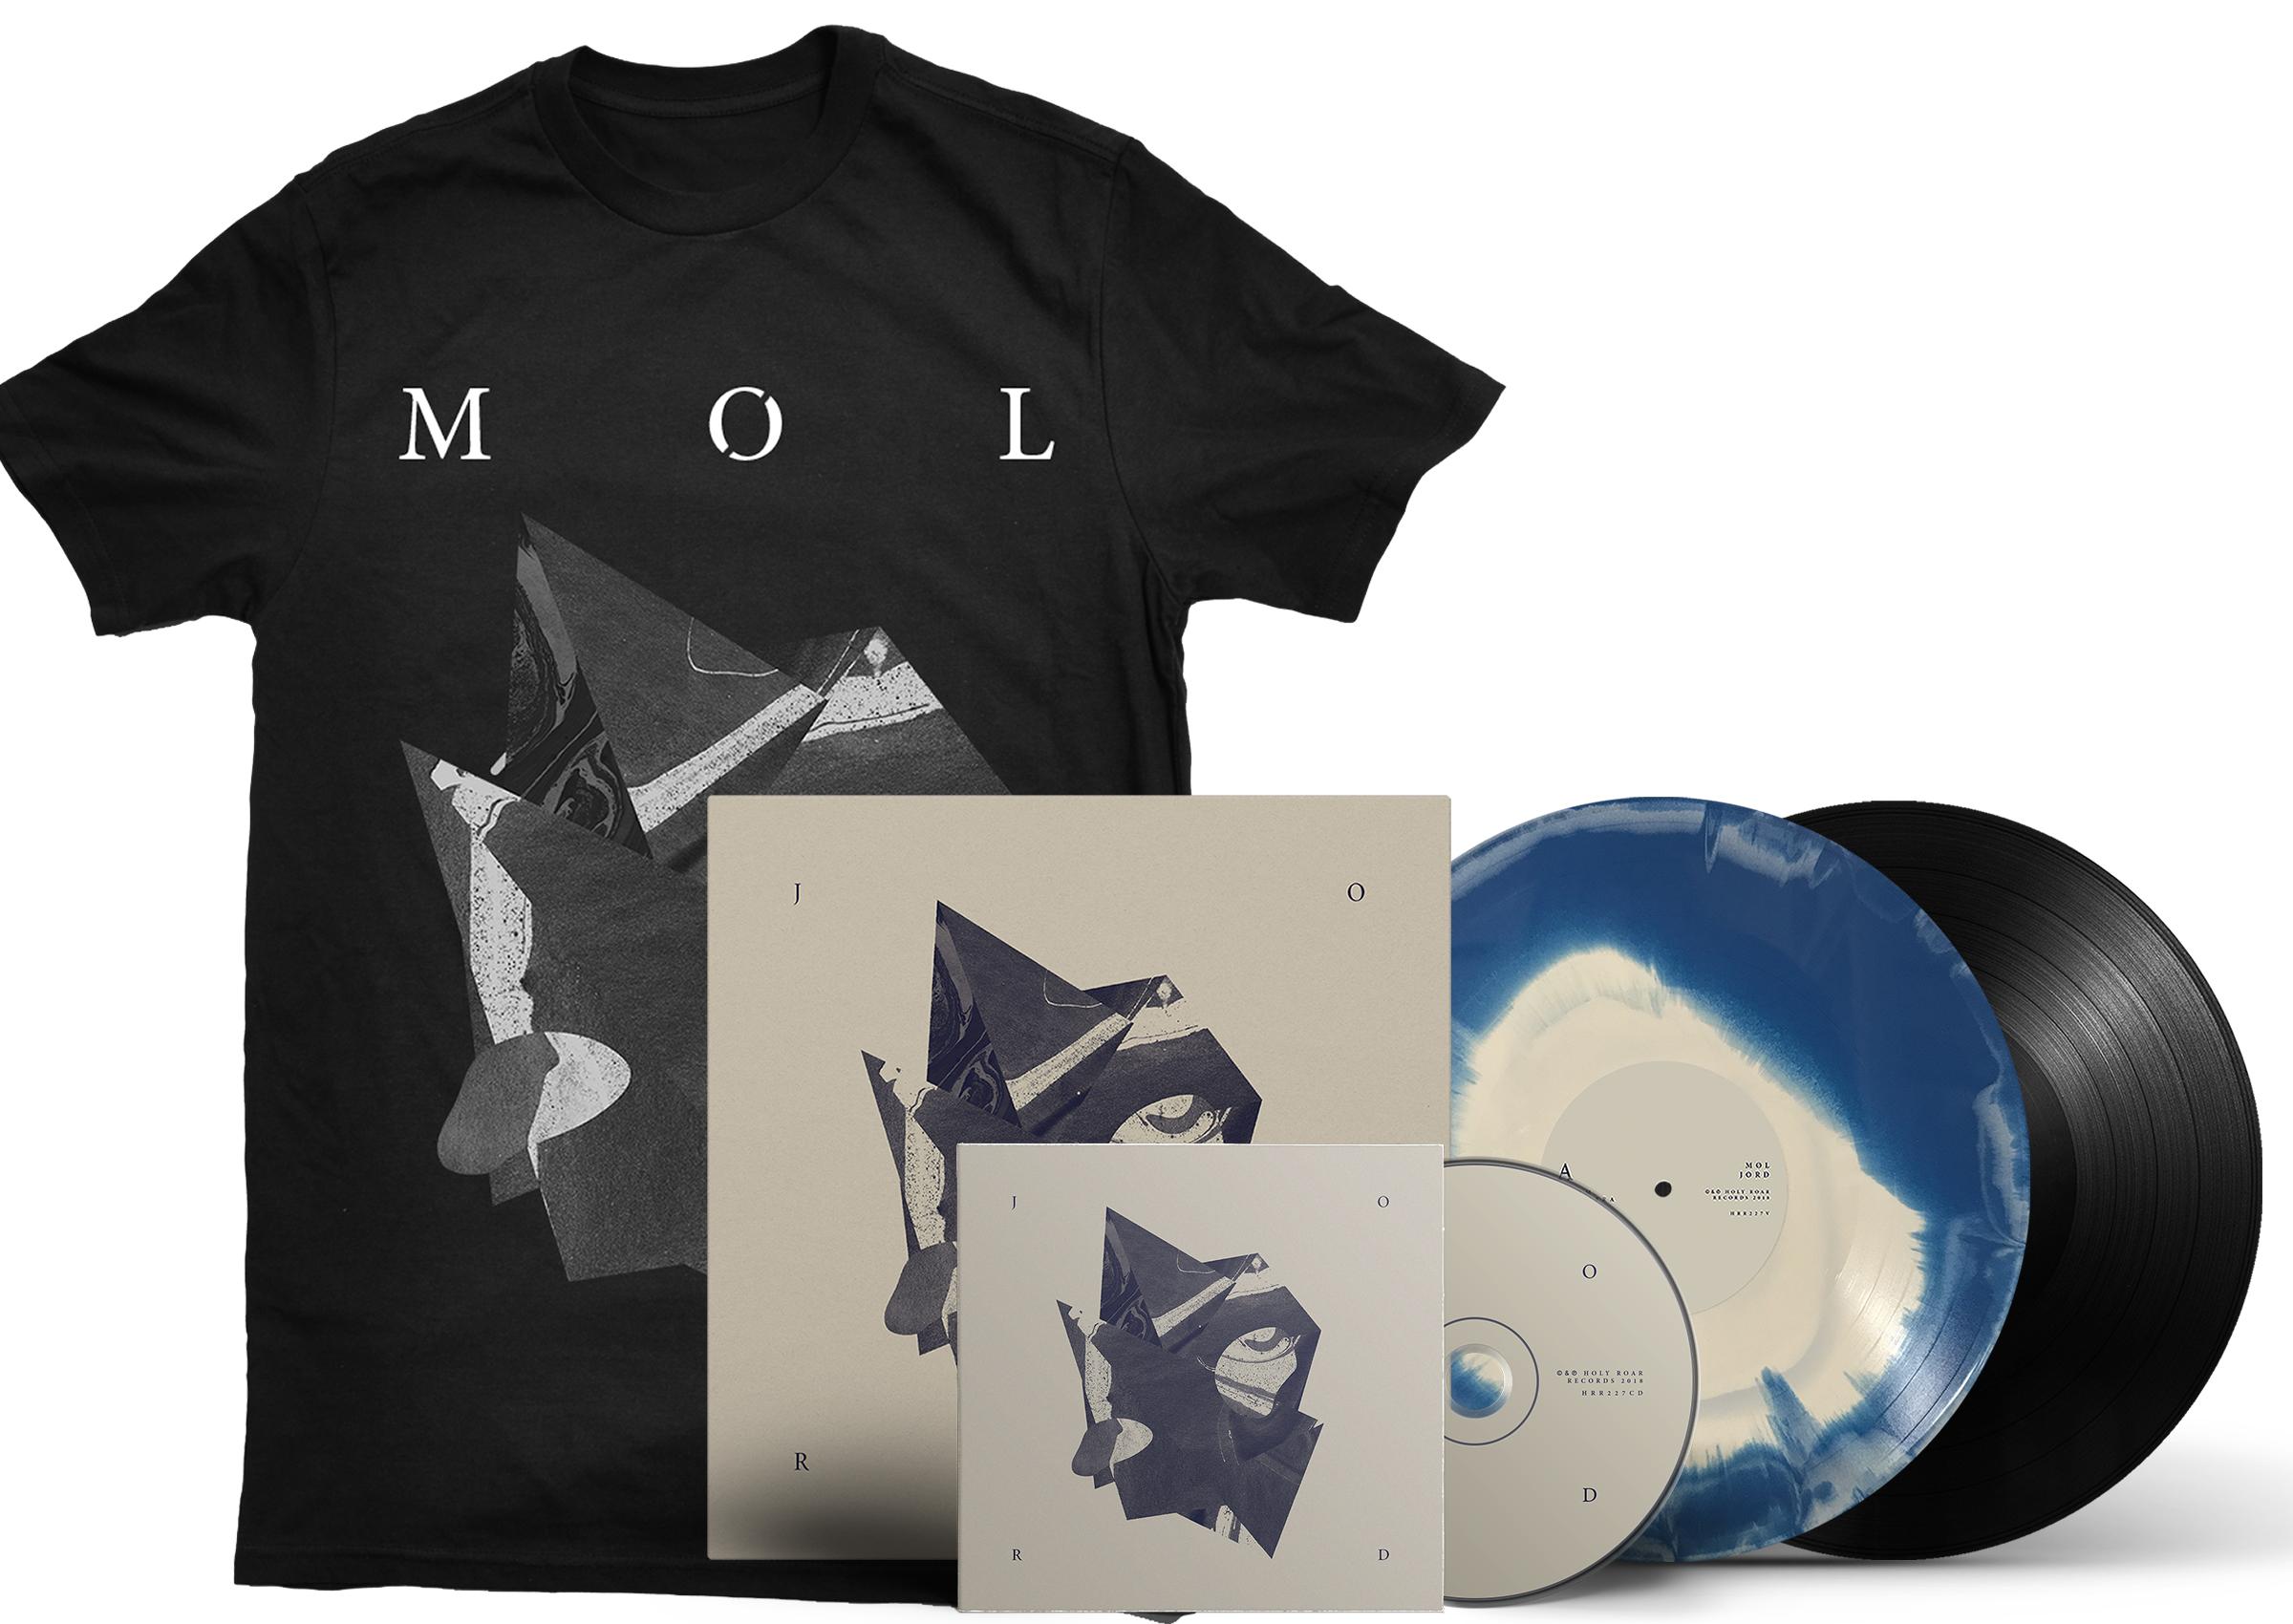 MØL - JORD shirt + LP + CD